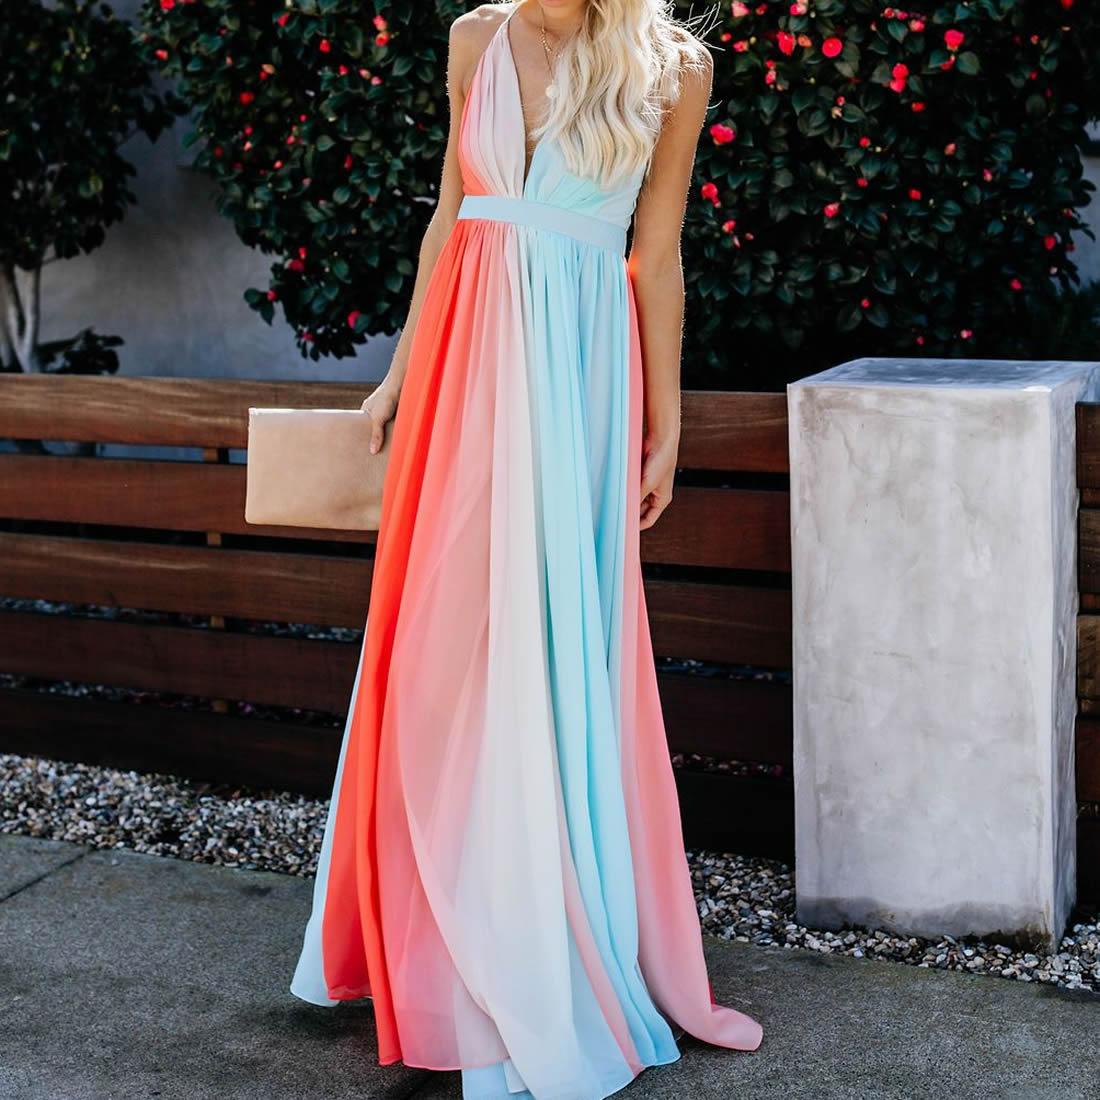 f981923c8 Mujeres gradiente vestido largo verano espalda descubierta transformador  Multi Way vendaje vestido ...